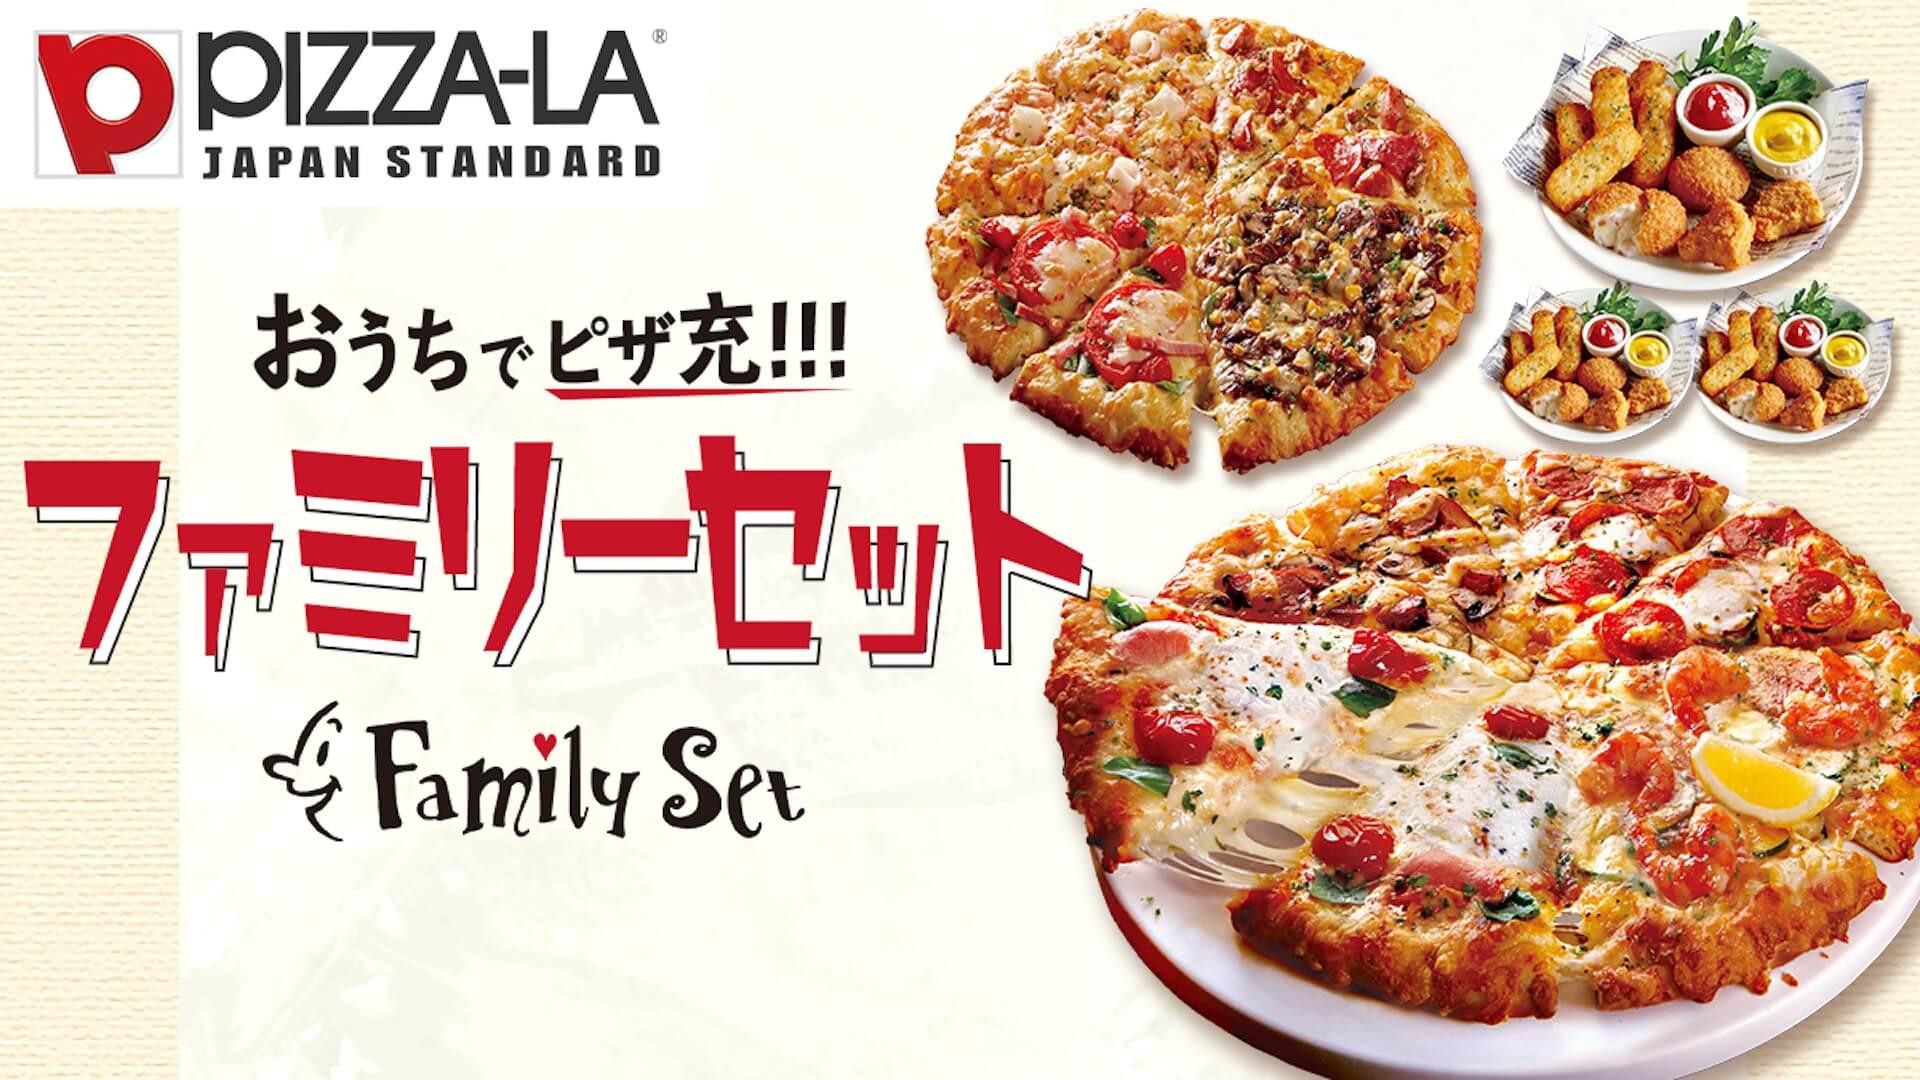 おうちでピザ充しよう!ピザーラから春の大人気新作ピザとサイドメニューがセットになった『ファミリーセット』が登場 gourmet200507_pizzala_01